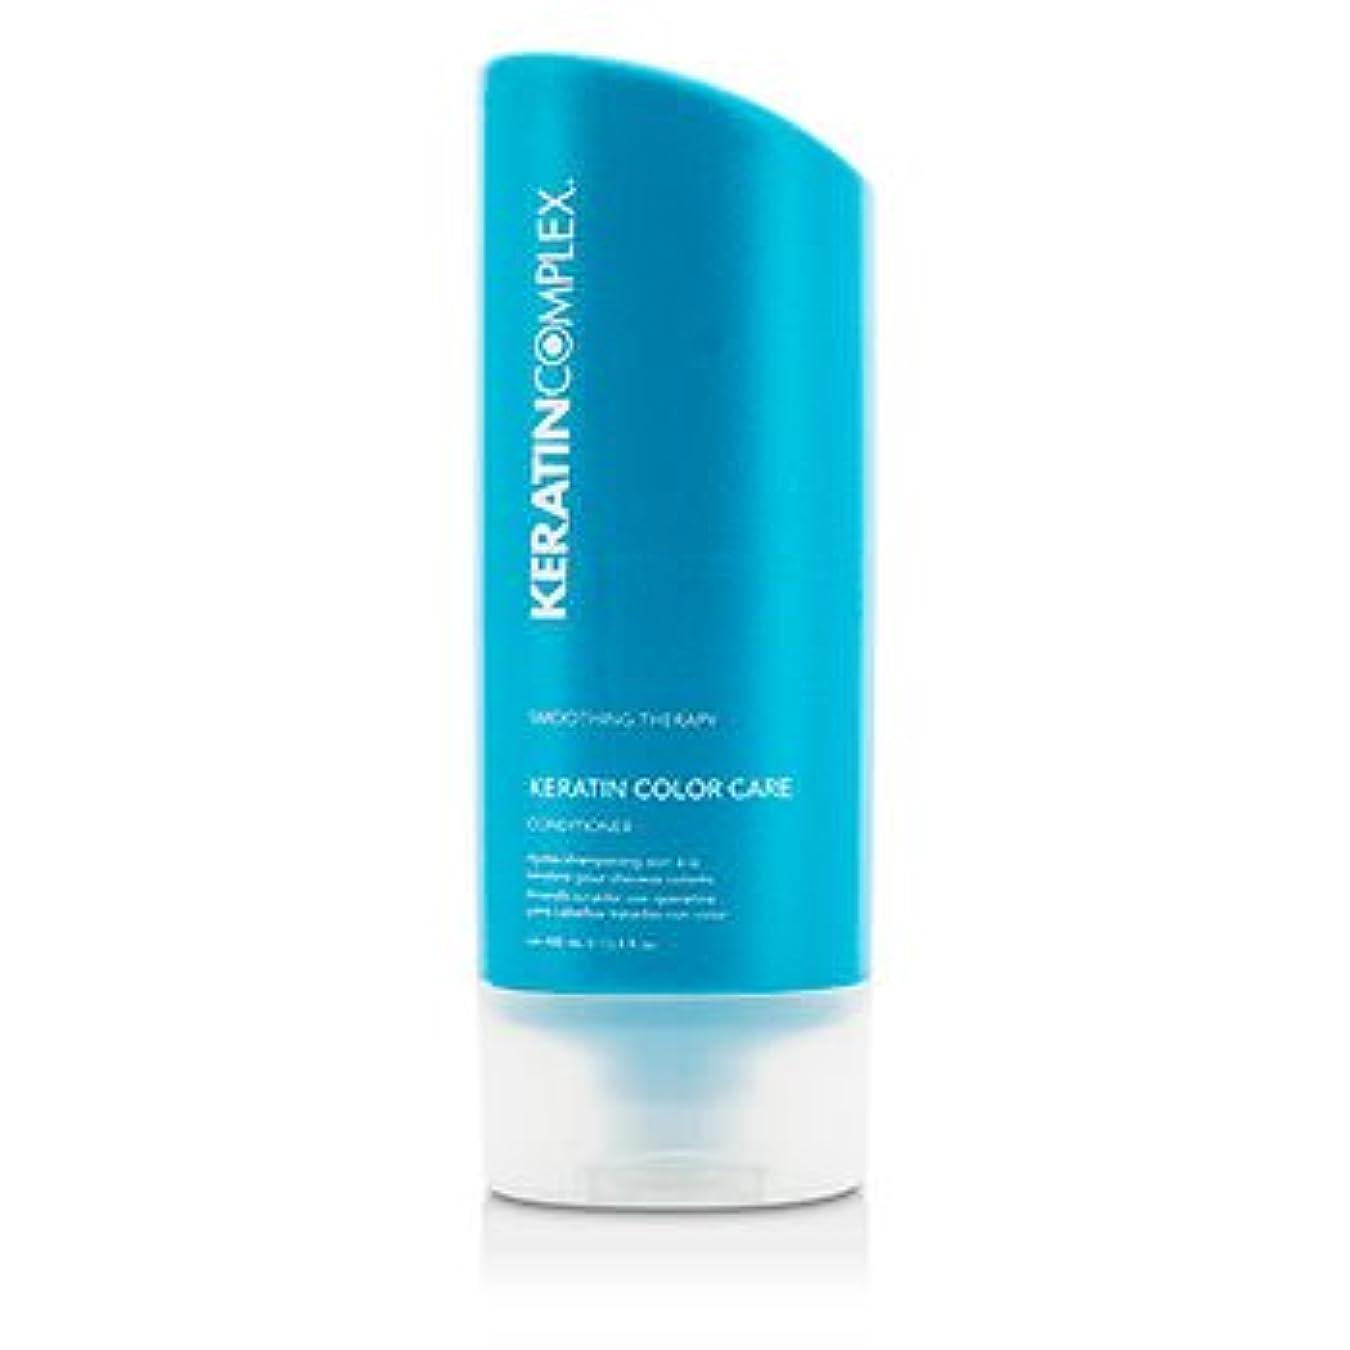 グリップ支配する配偶者[Keratin Complex] Smoothing Therapy Keratin Color Care Conditioner (For All Hair Types) 400ml/13.5oz